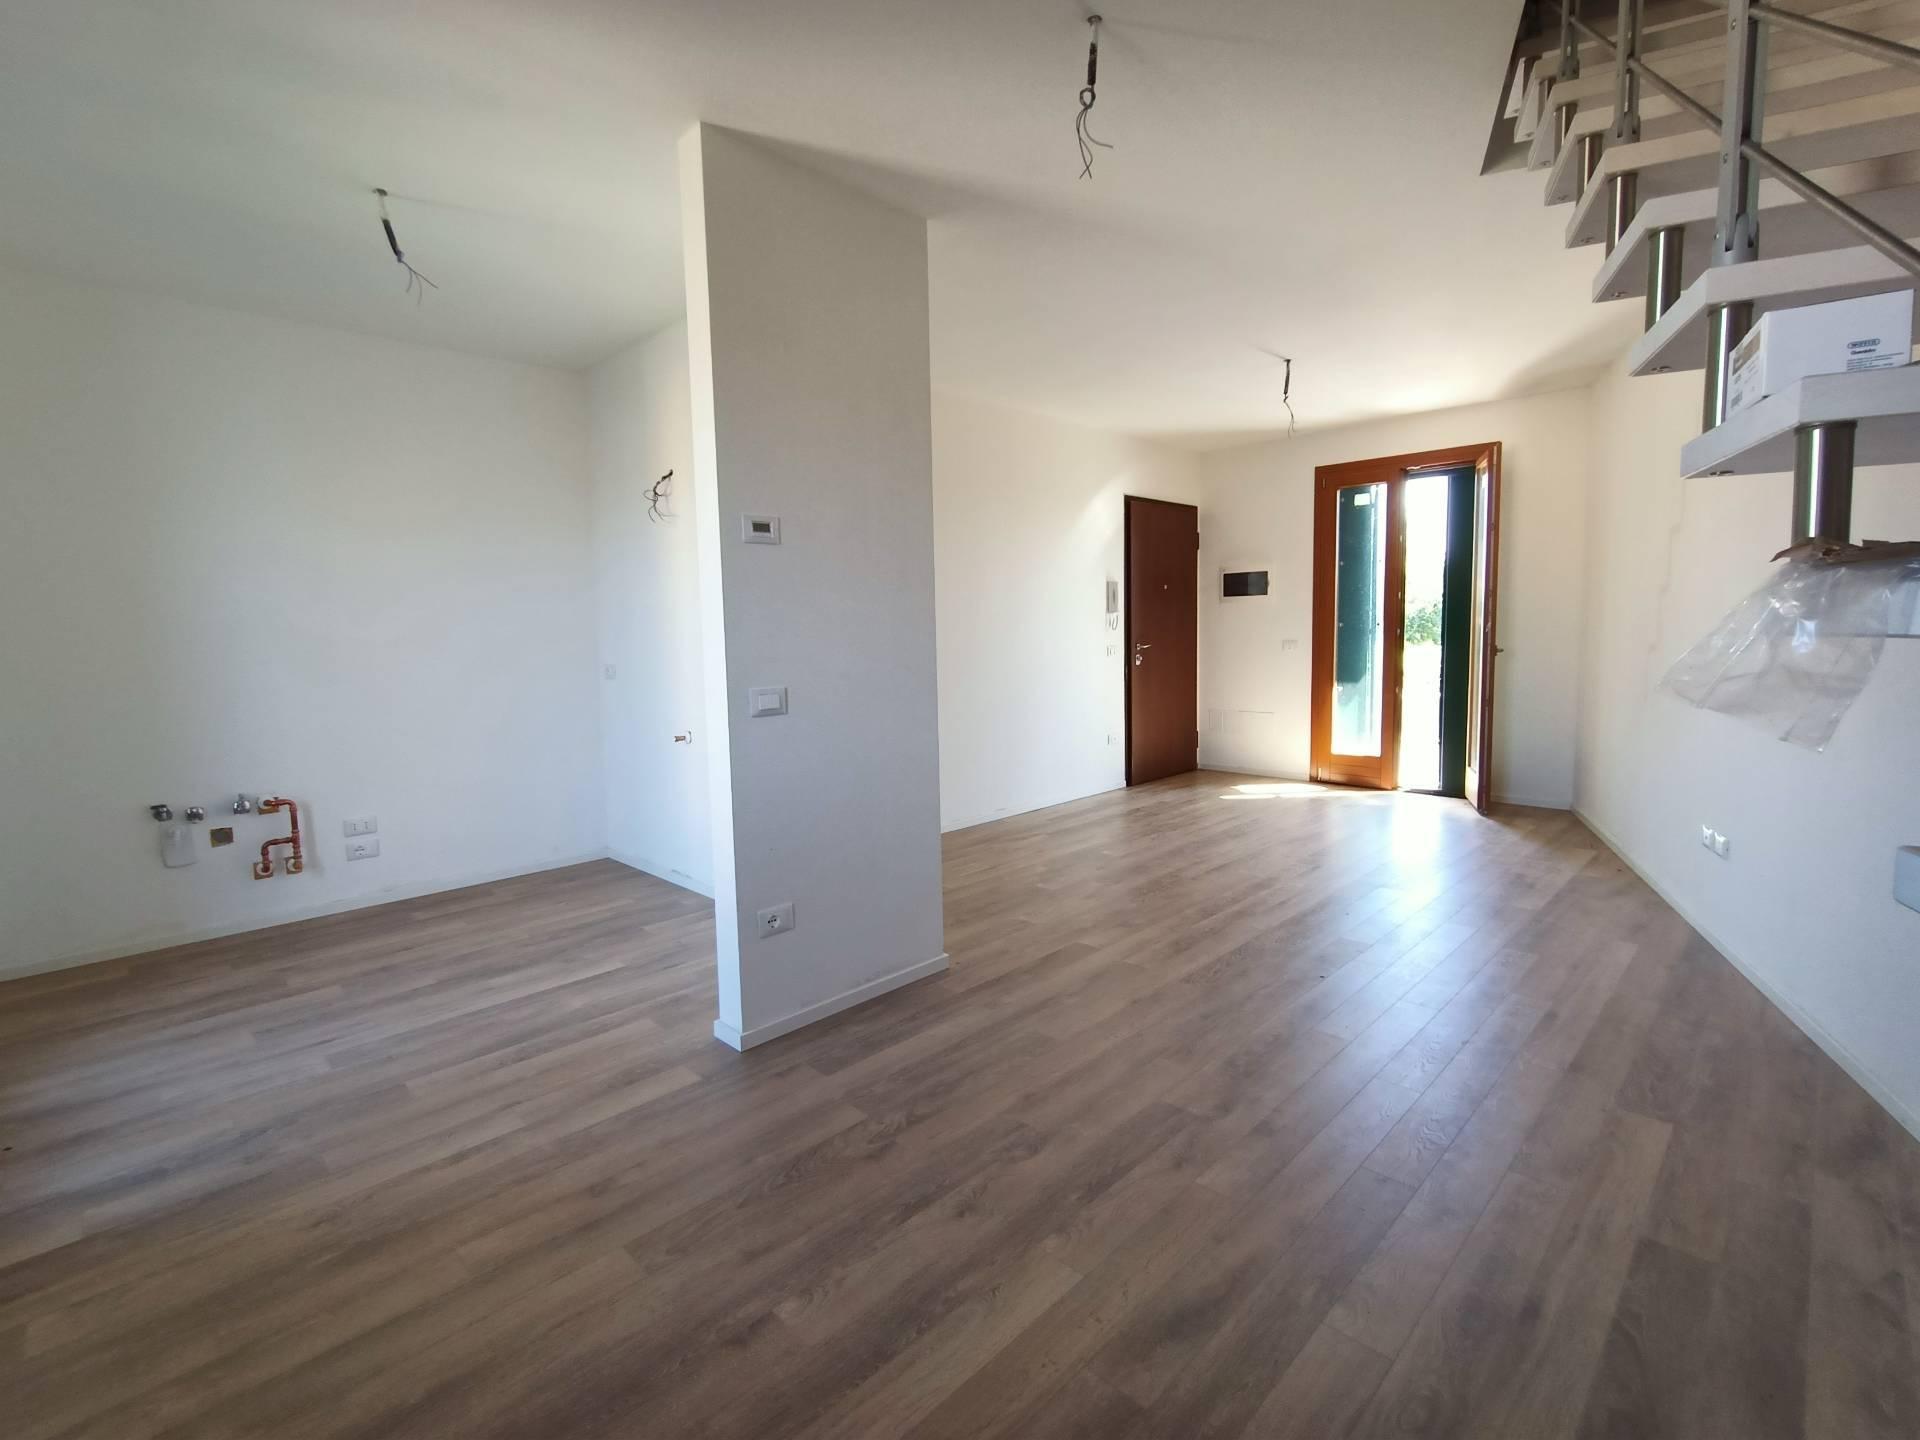 Appartamento in vendita a Mortegliano, 4 locali, prezzo € 119.000 | PortaleAgenzieImmobiliari.it